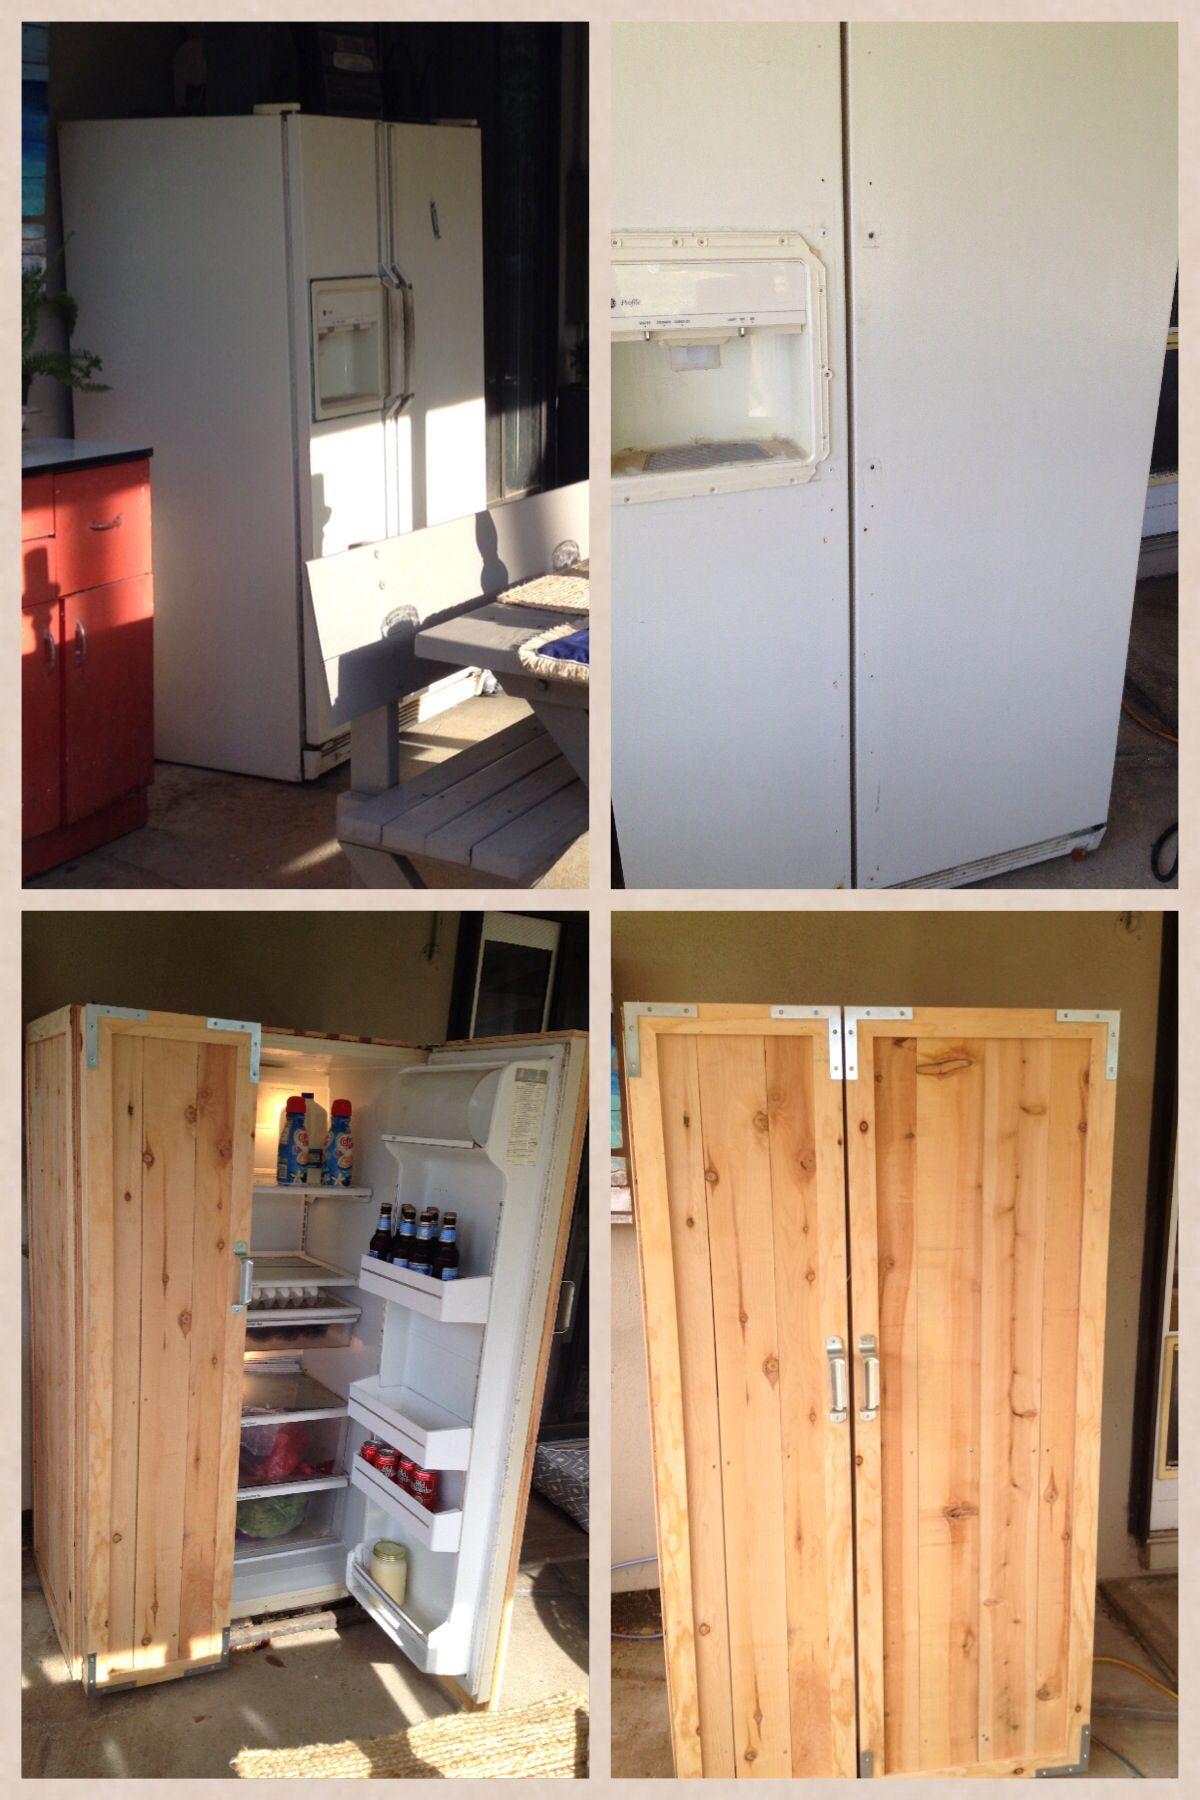 6 Inch Kitchen Cabinet Rustic Wooden Pine Freestanding Kitchen Handmade Cupboard Unit